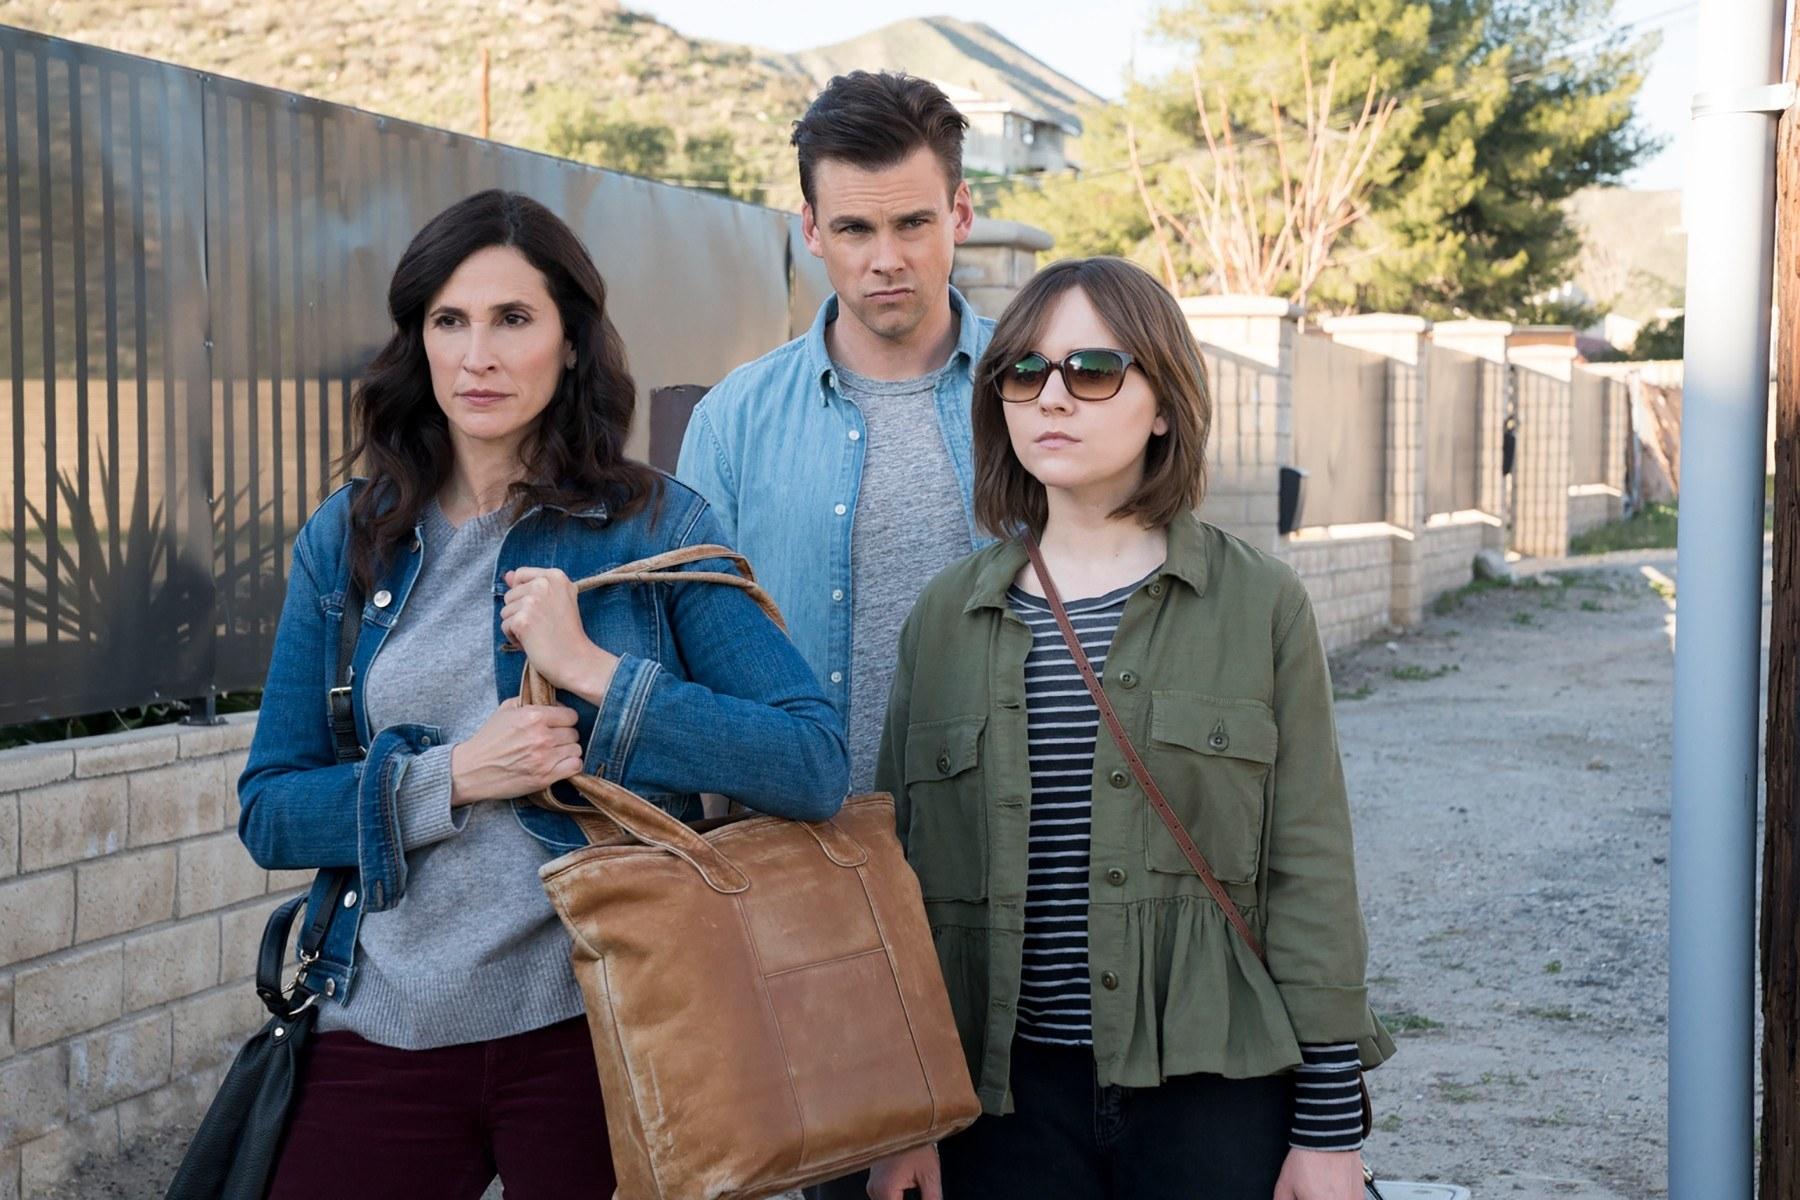 Michaela Watkins, Tommy Dewey, and Tara Lynne Barr walking together